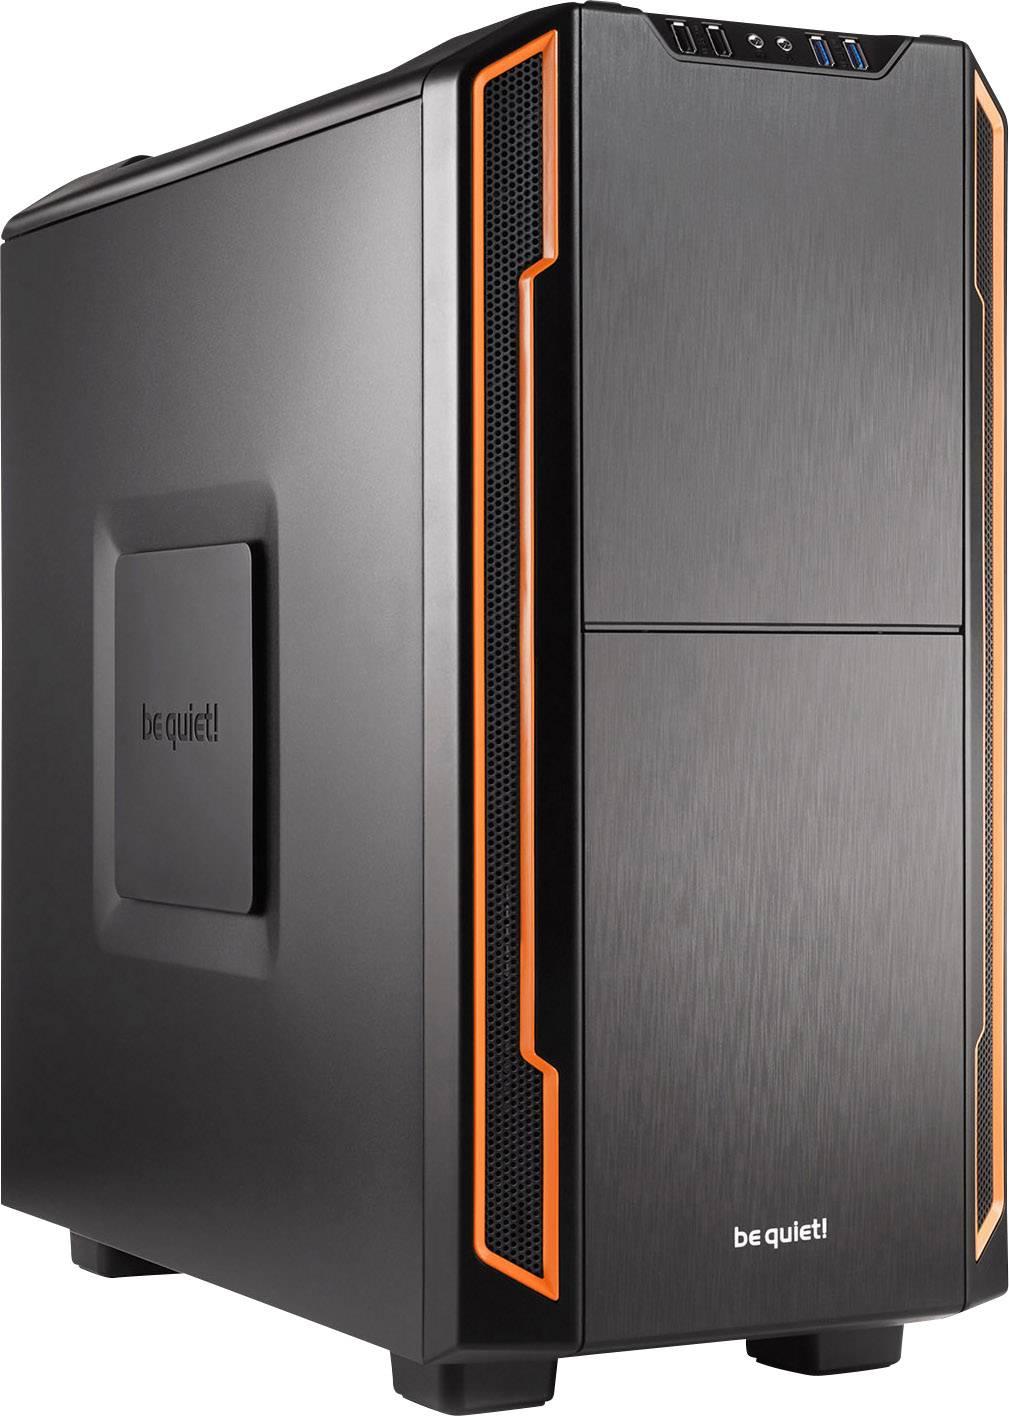 Midi-Tower PC Case da gioco Be